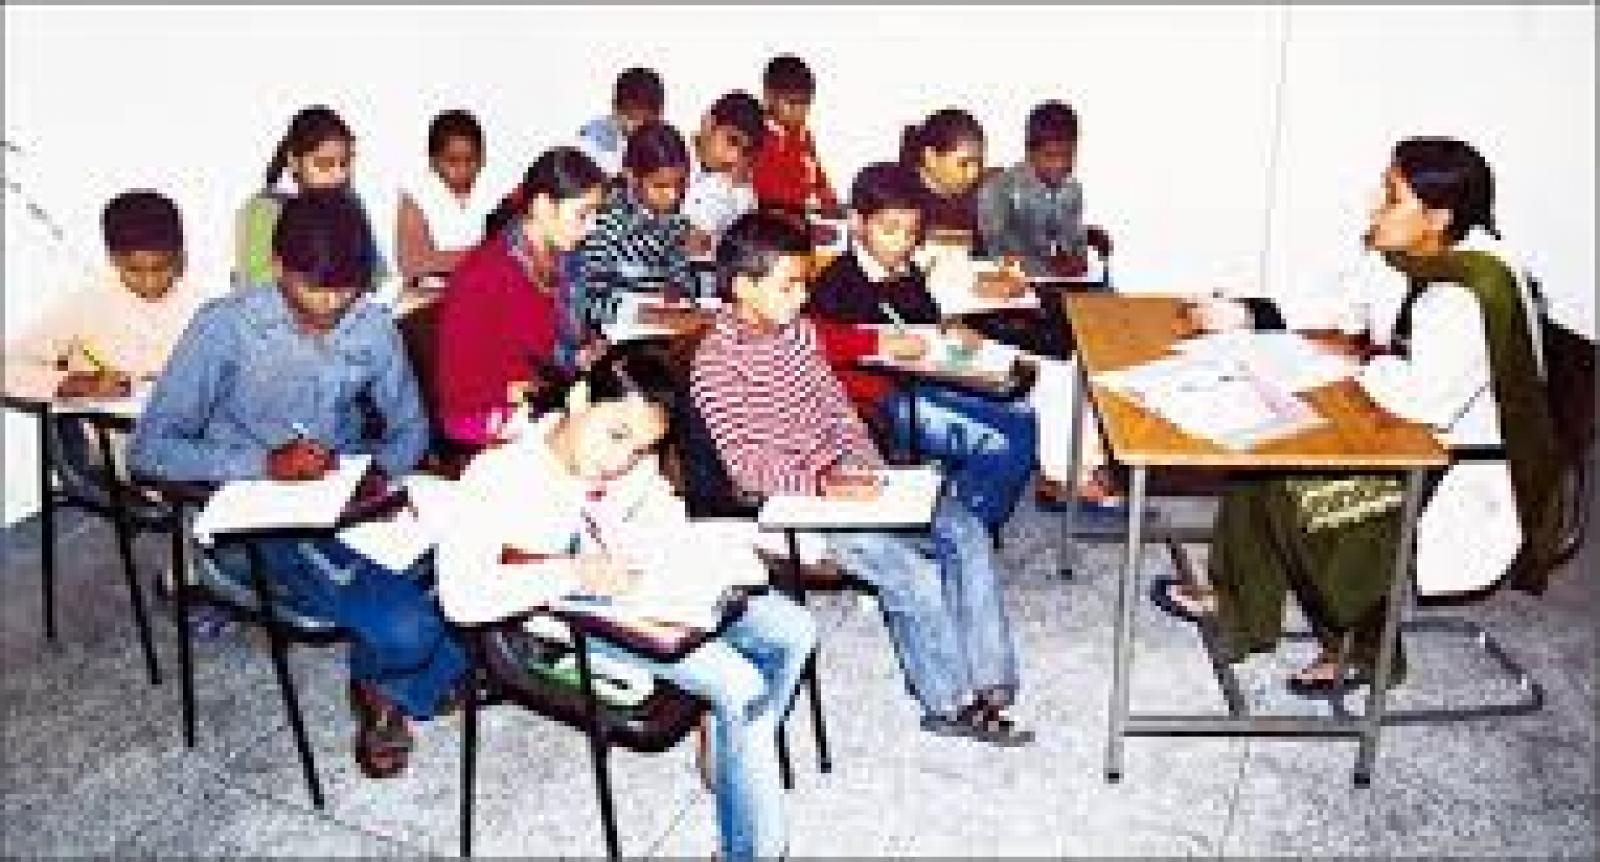 Aditya Career Institute